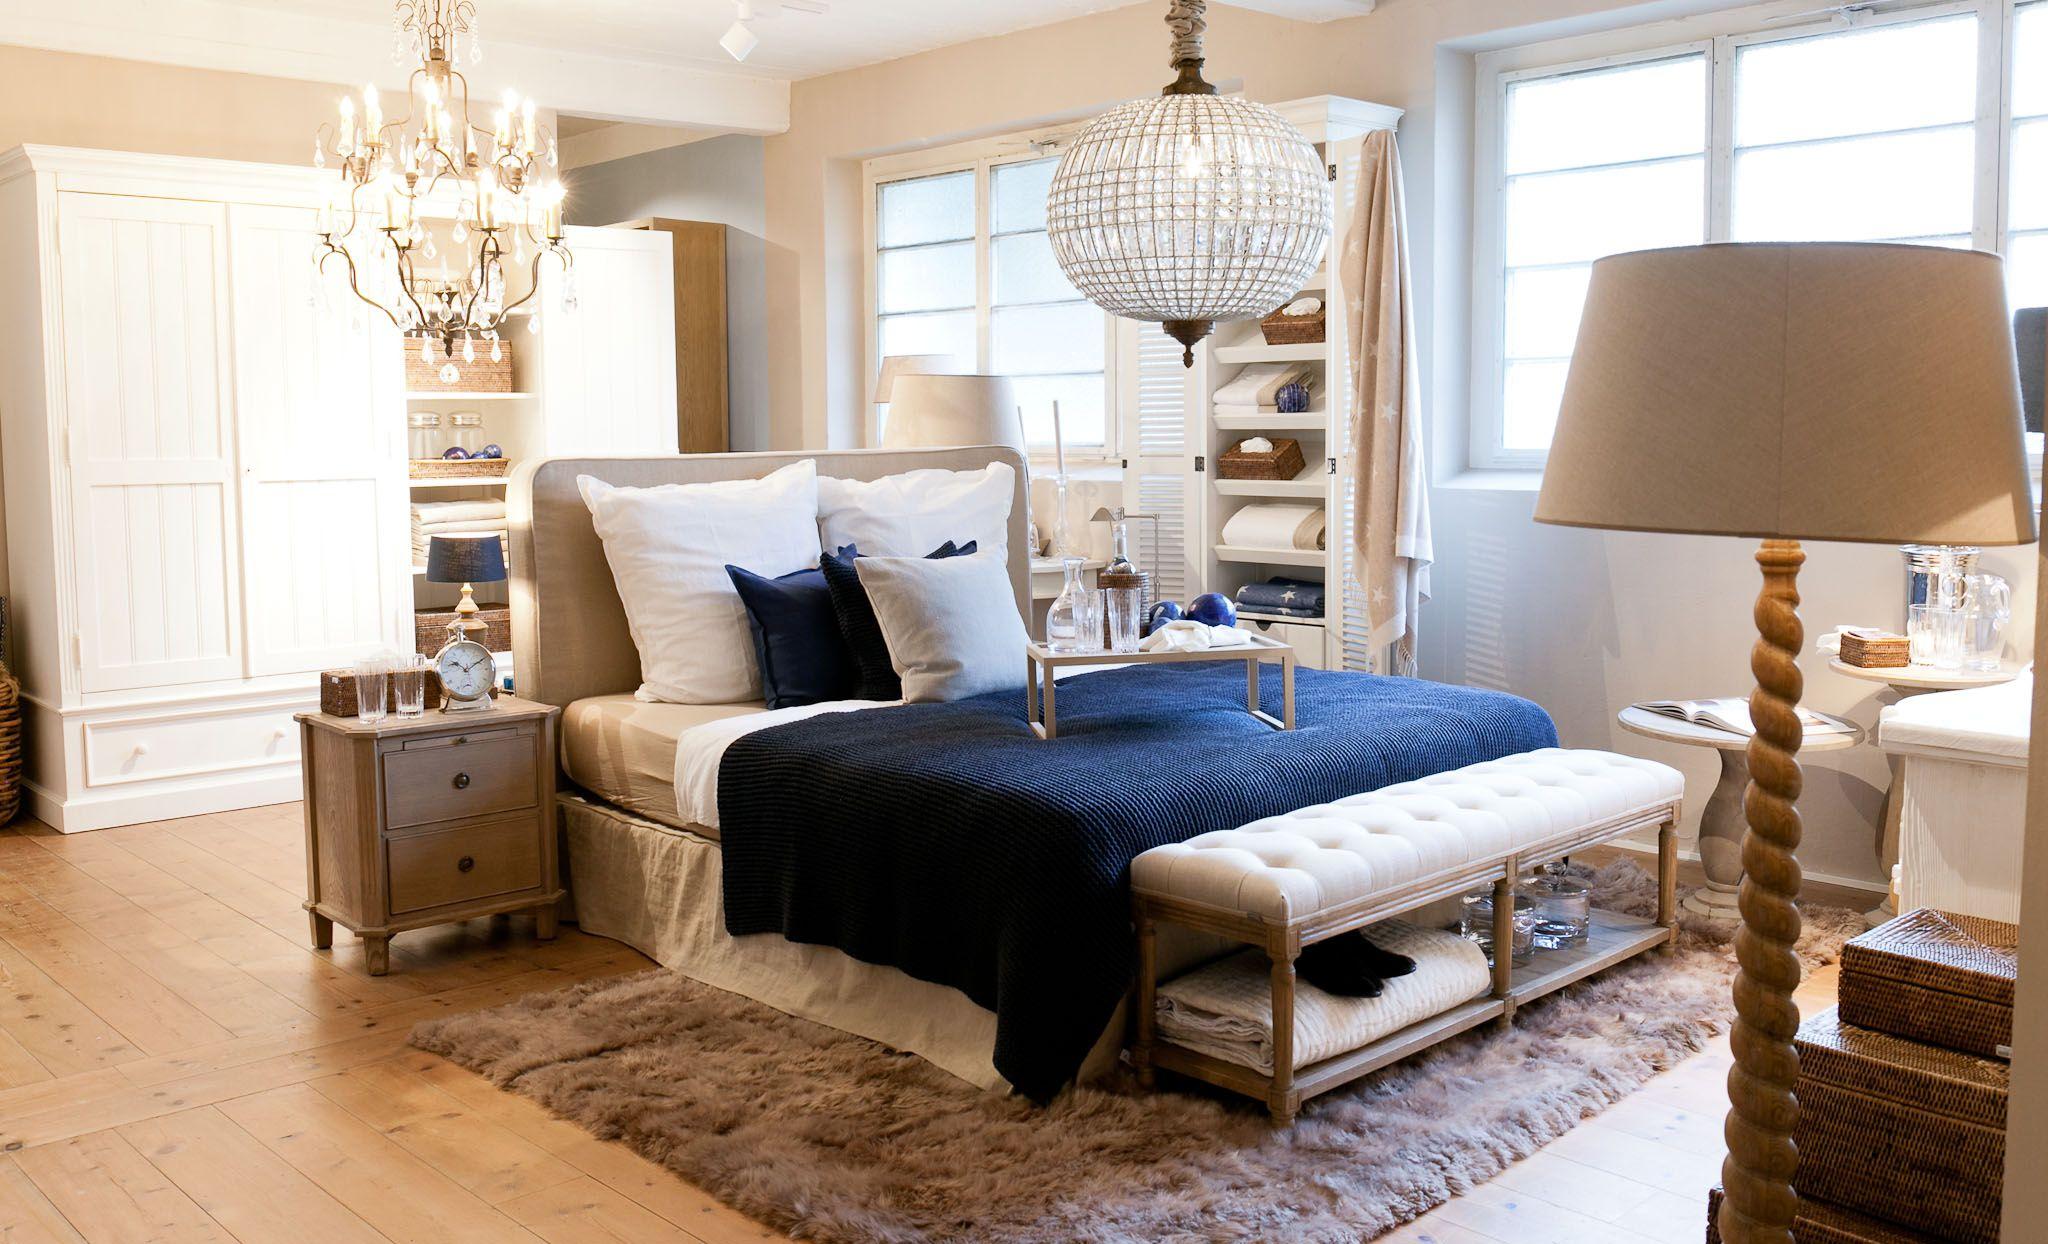 Traumhaft schöne Schlafzimmer   wir beraten Sie gern bei ...